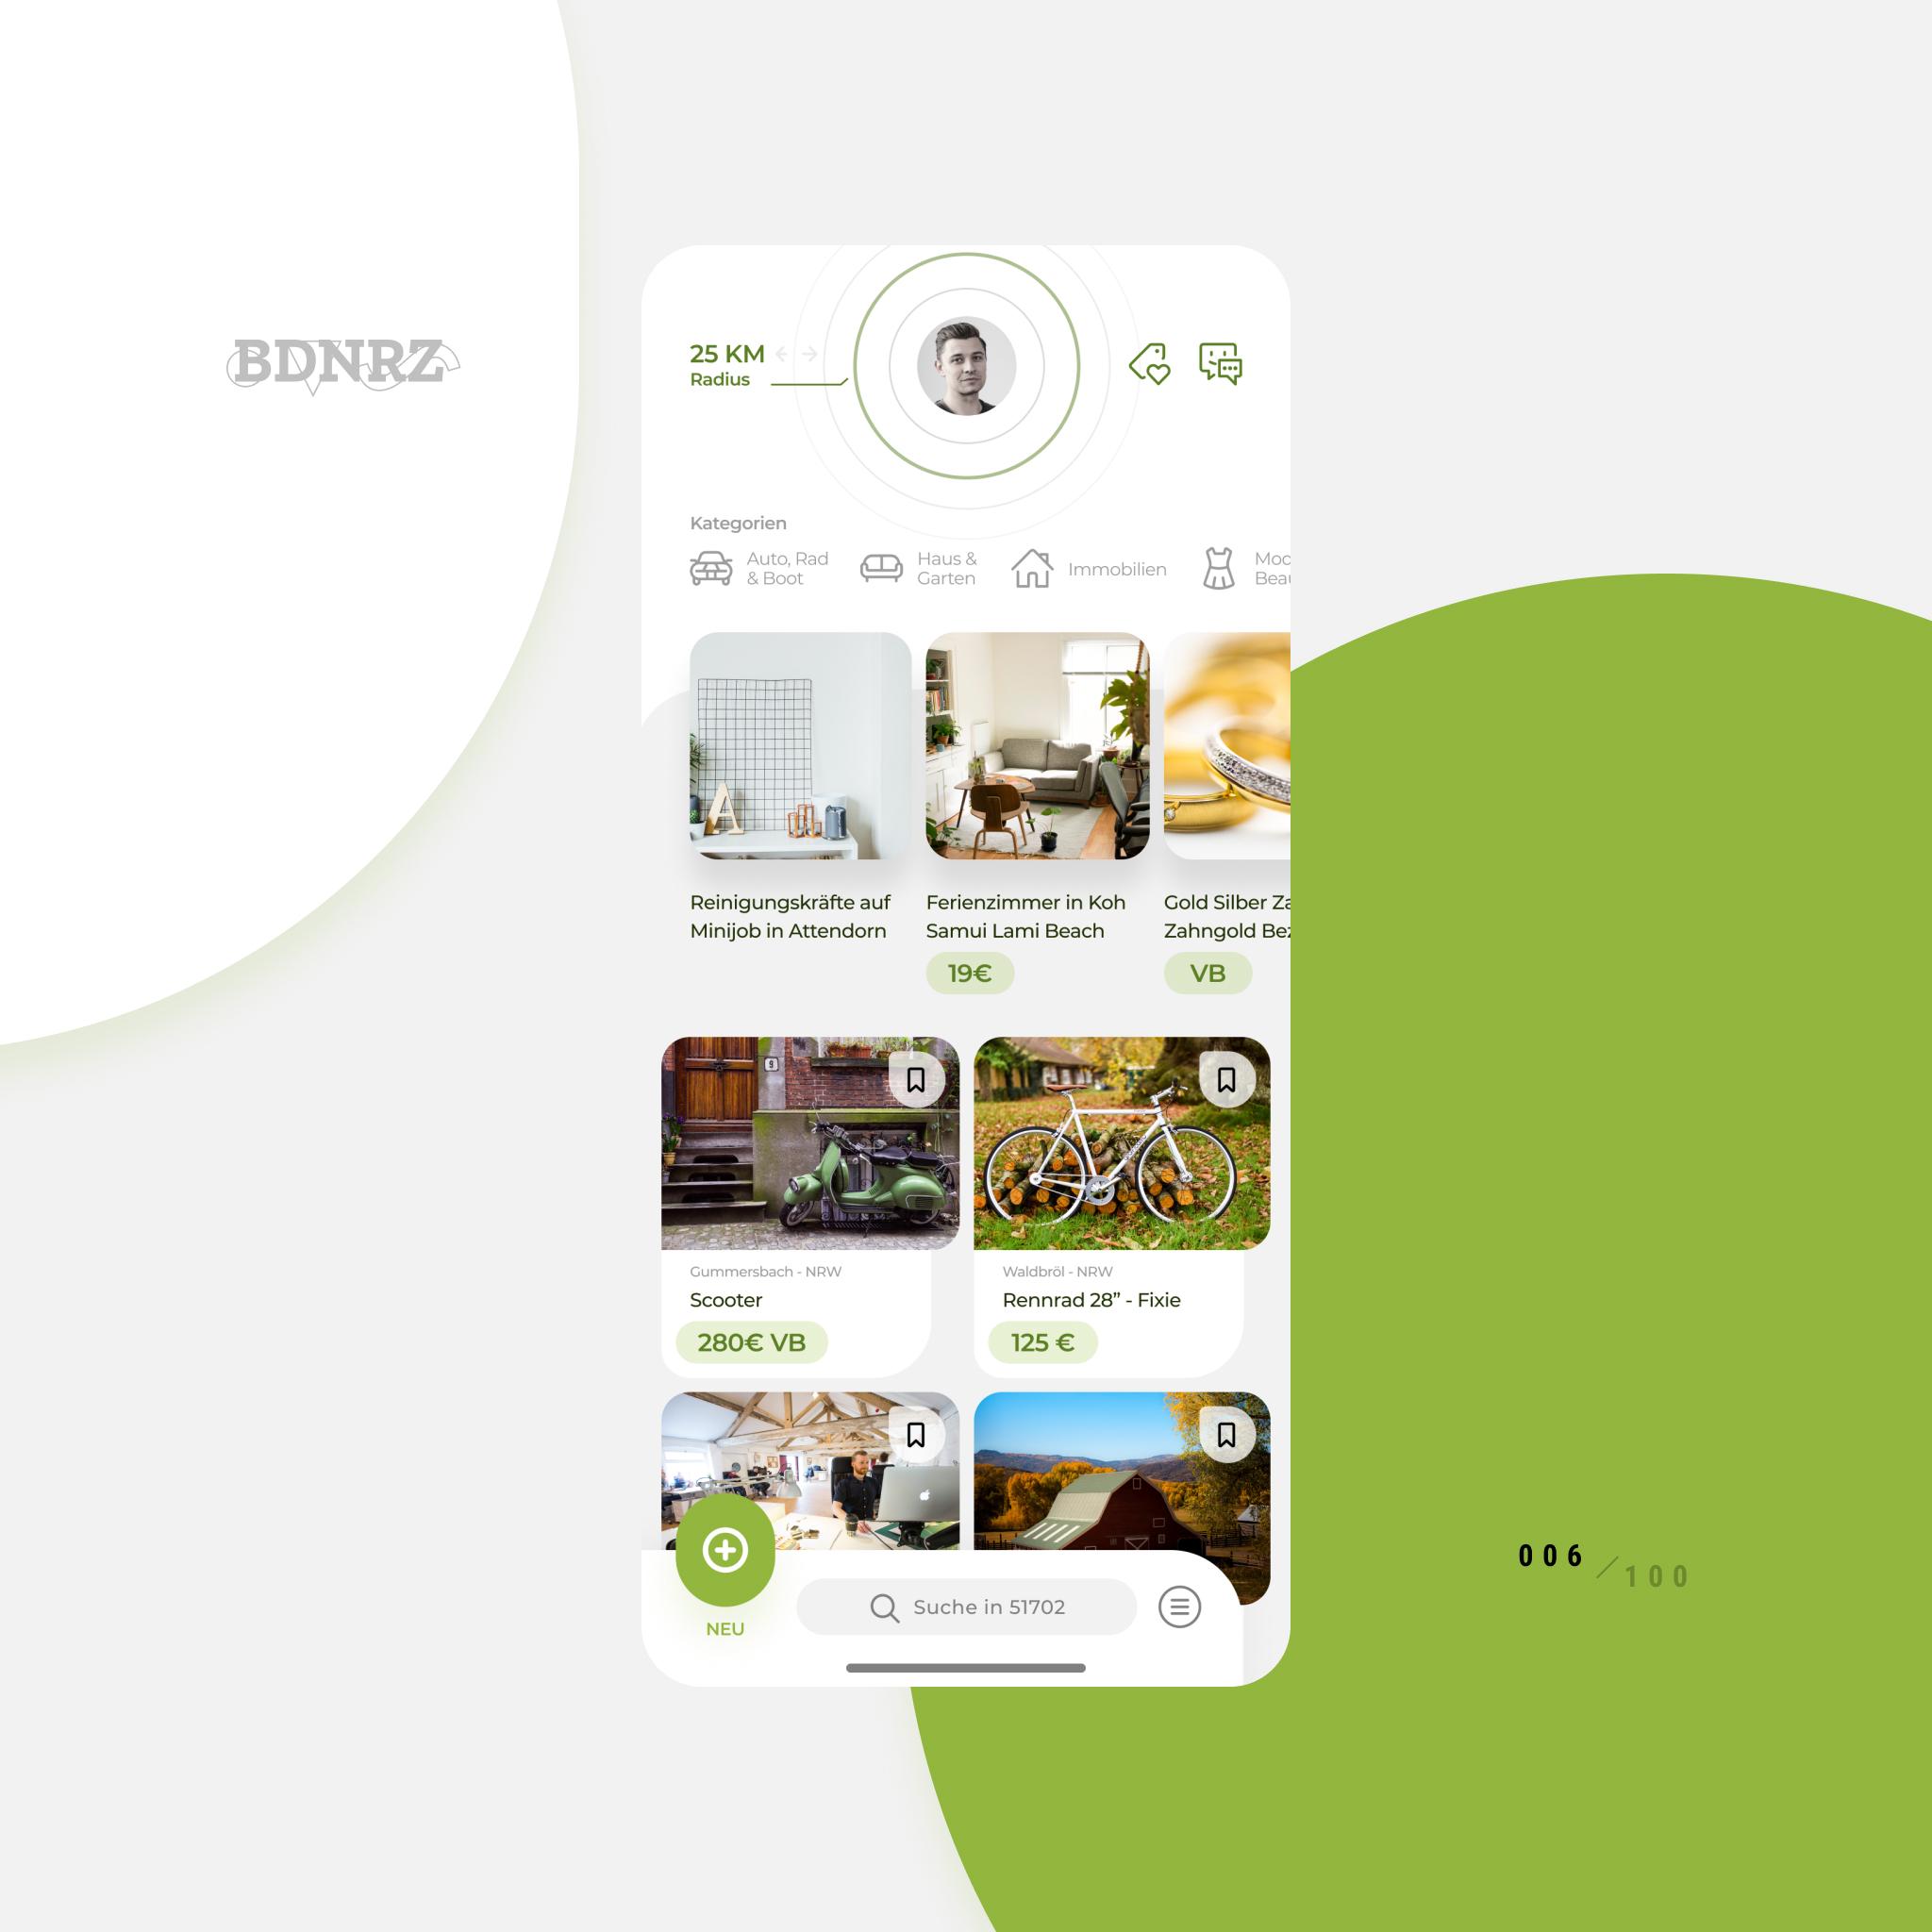 ebay_kleinanzeigen_redesign.jpg